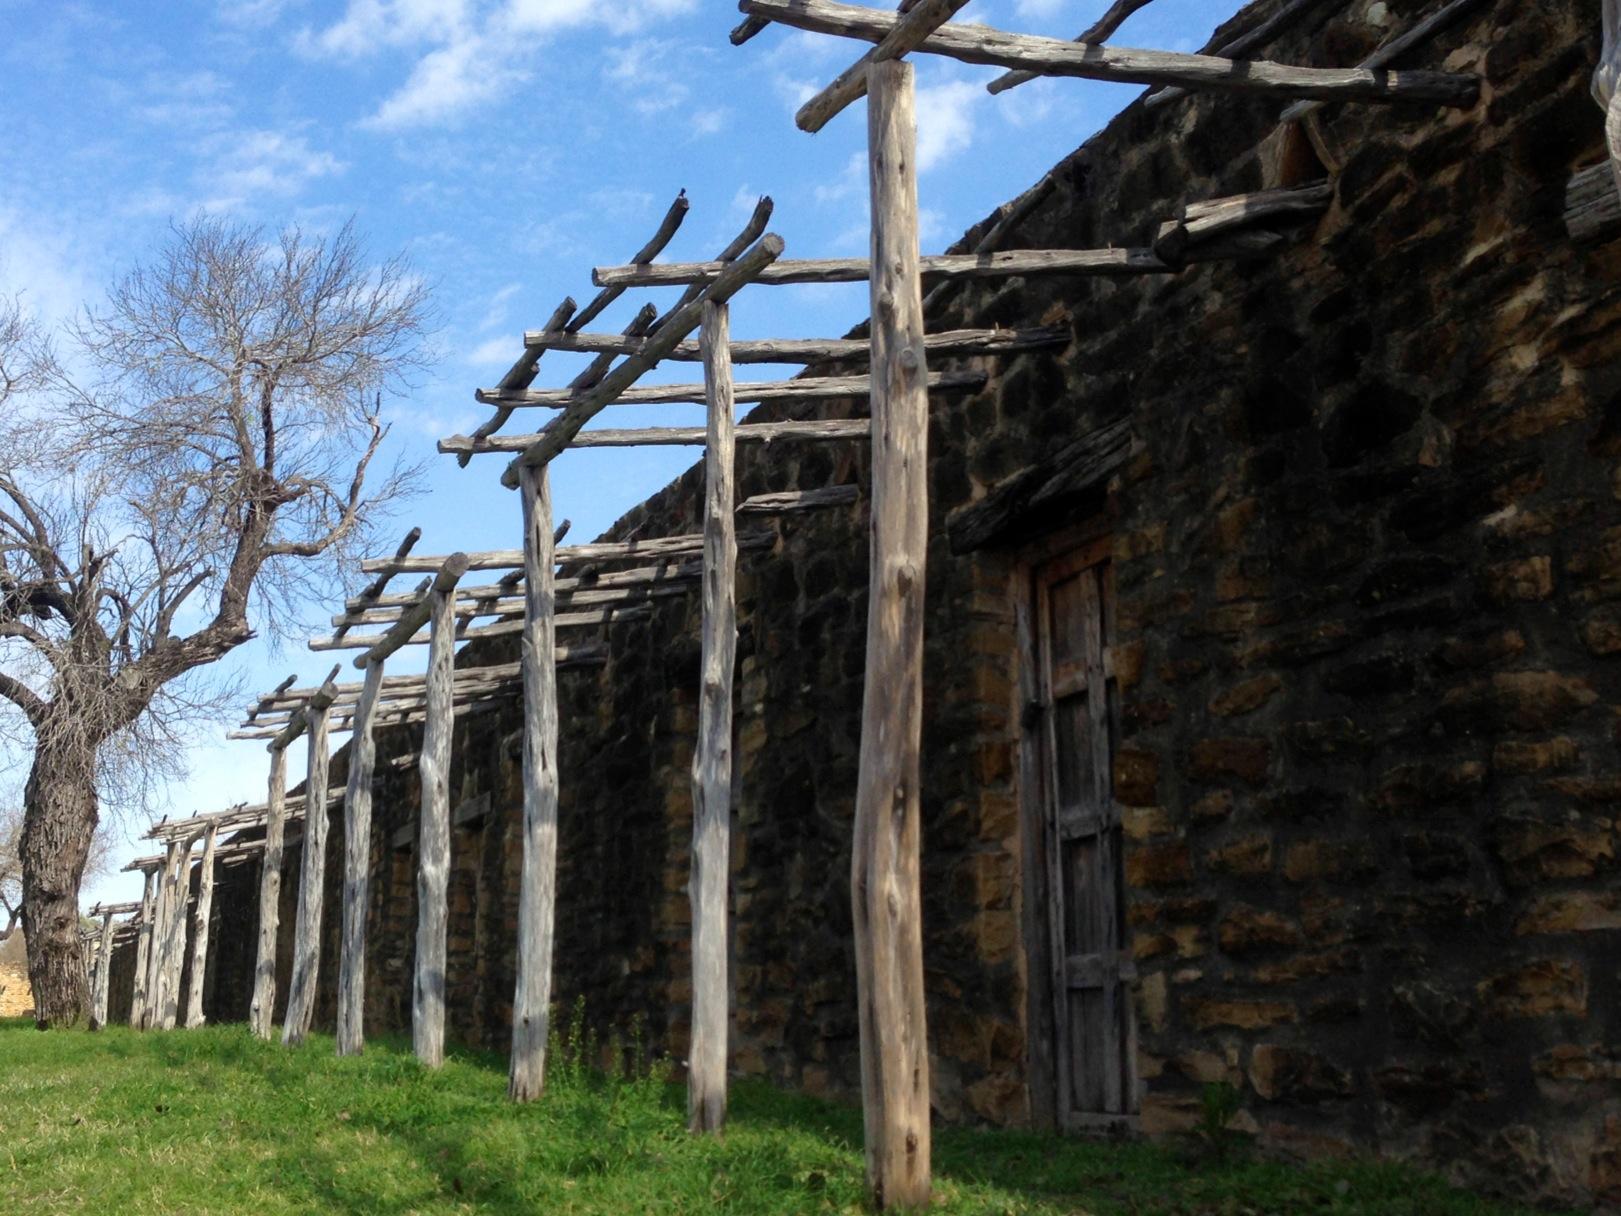 Mission Walls Shelter